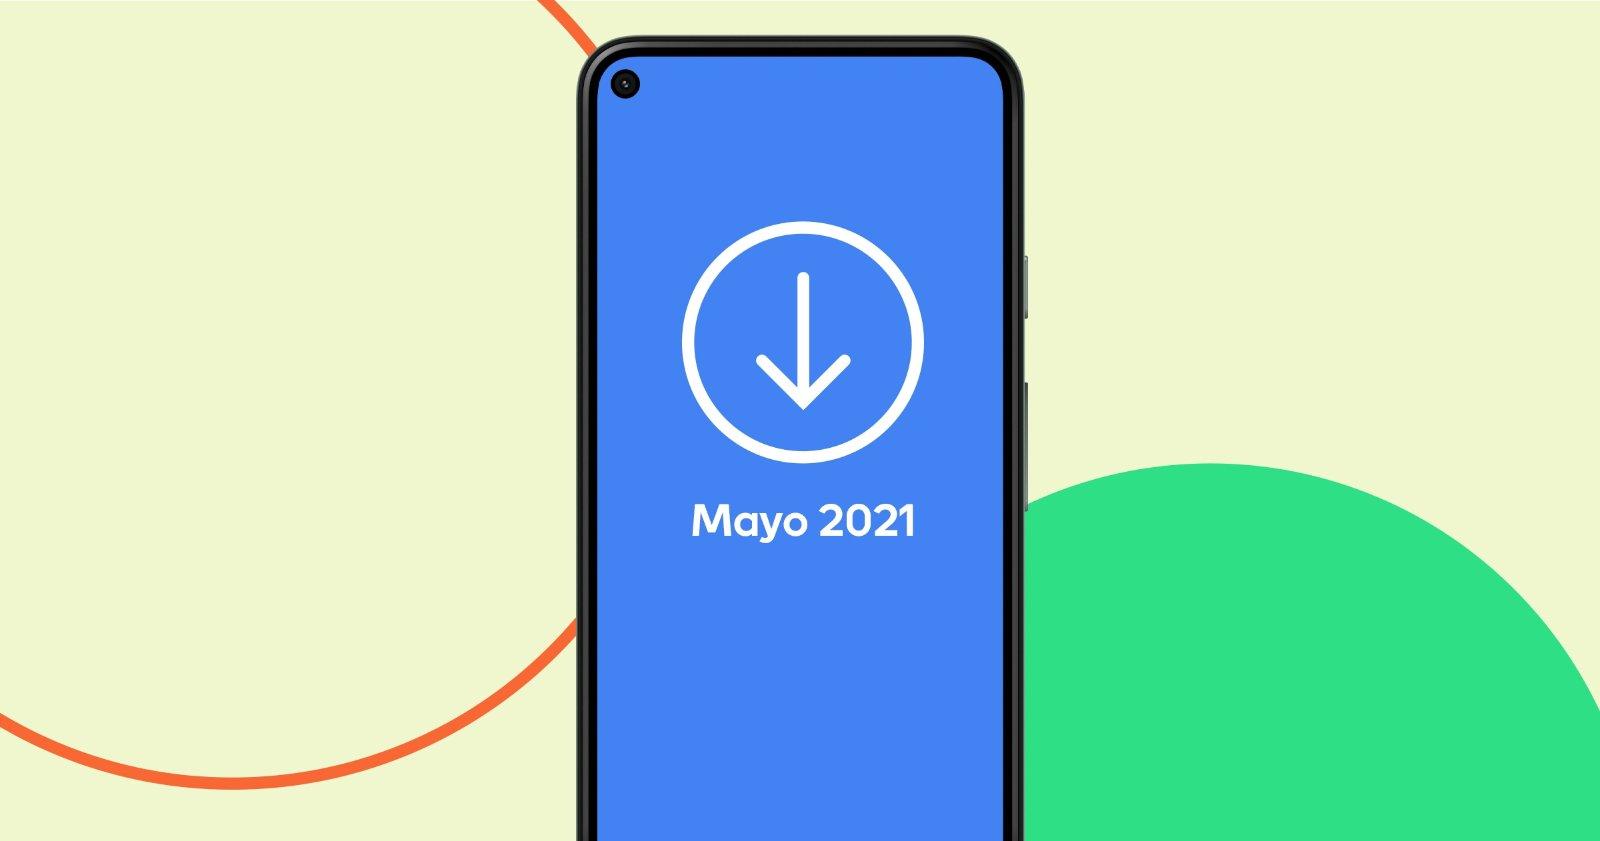 Mise à jour Android mai 2021